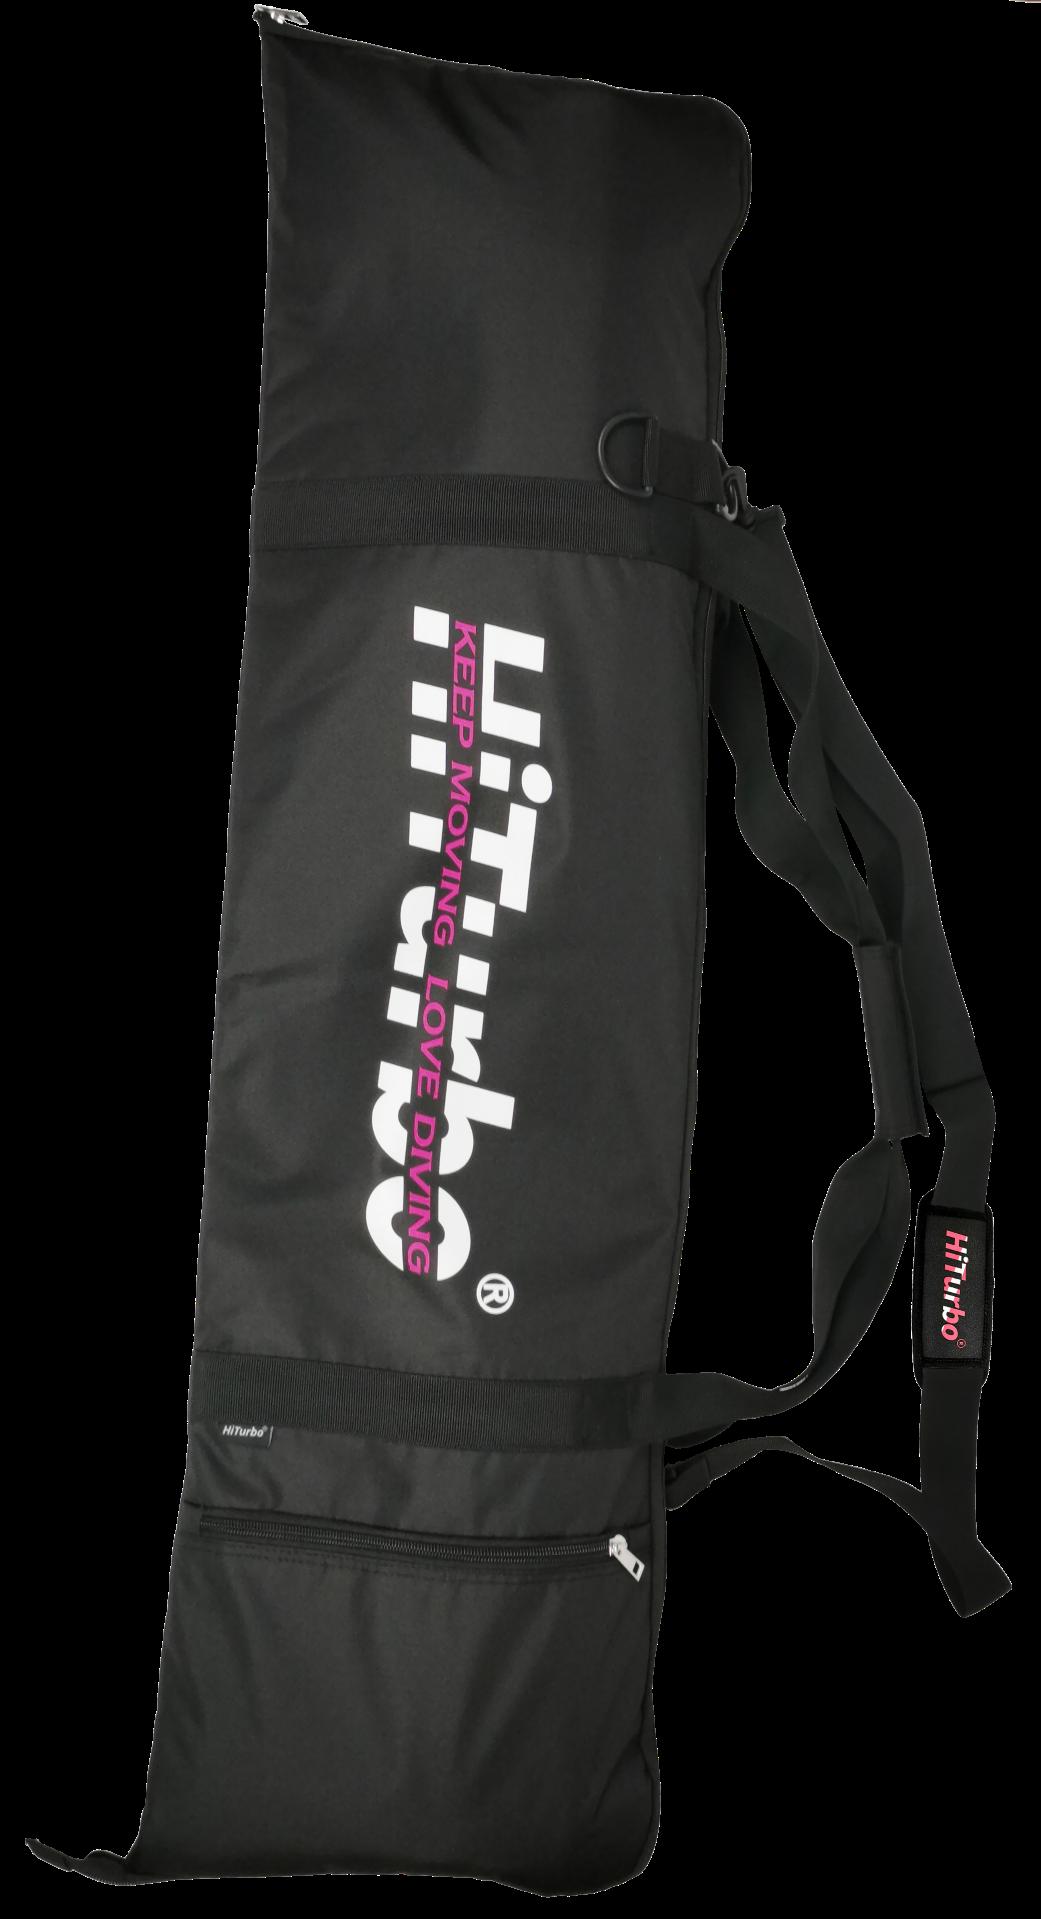 Hiturbo, бесплатное снаряжение для дайвинга, сумка для ласт для дайвинга, повседневное портативное снаряжение, сумка на ремне, базовый набор ла...